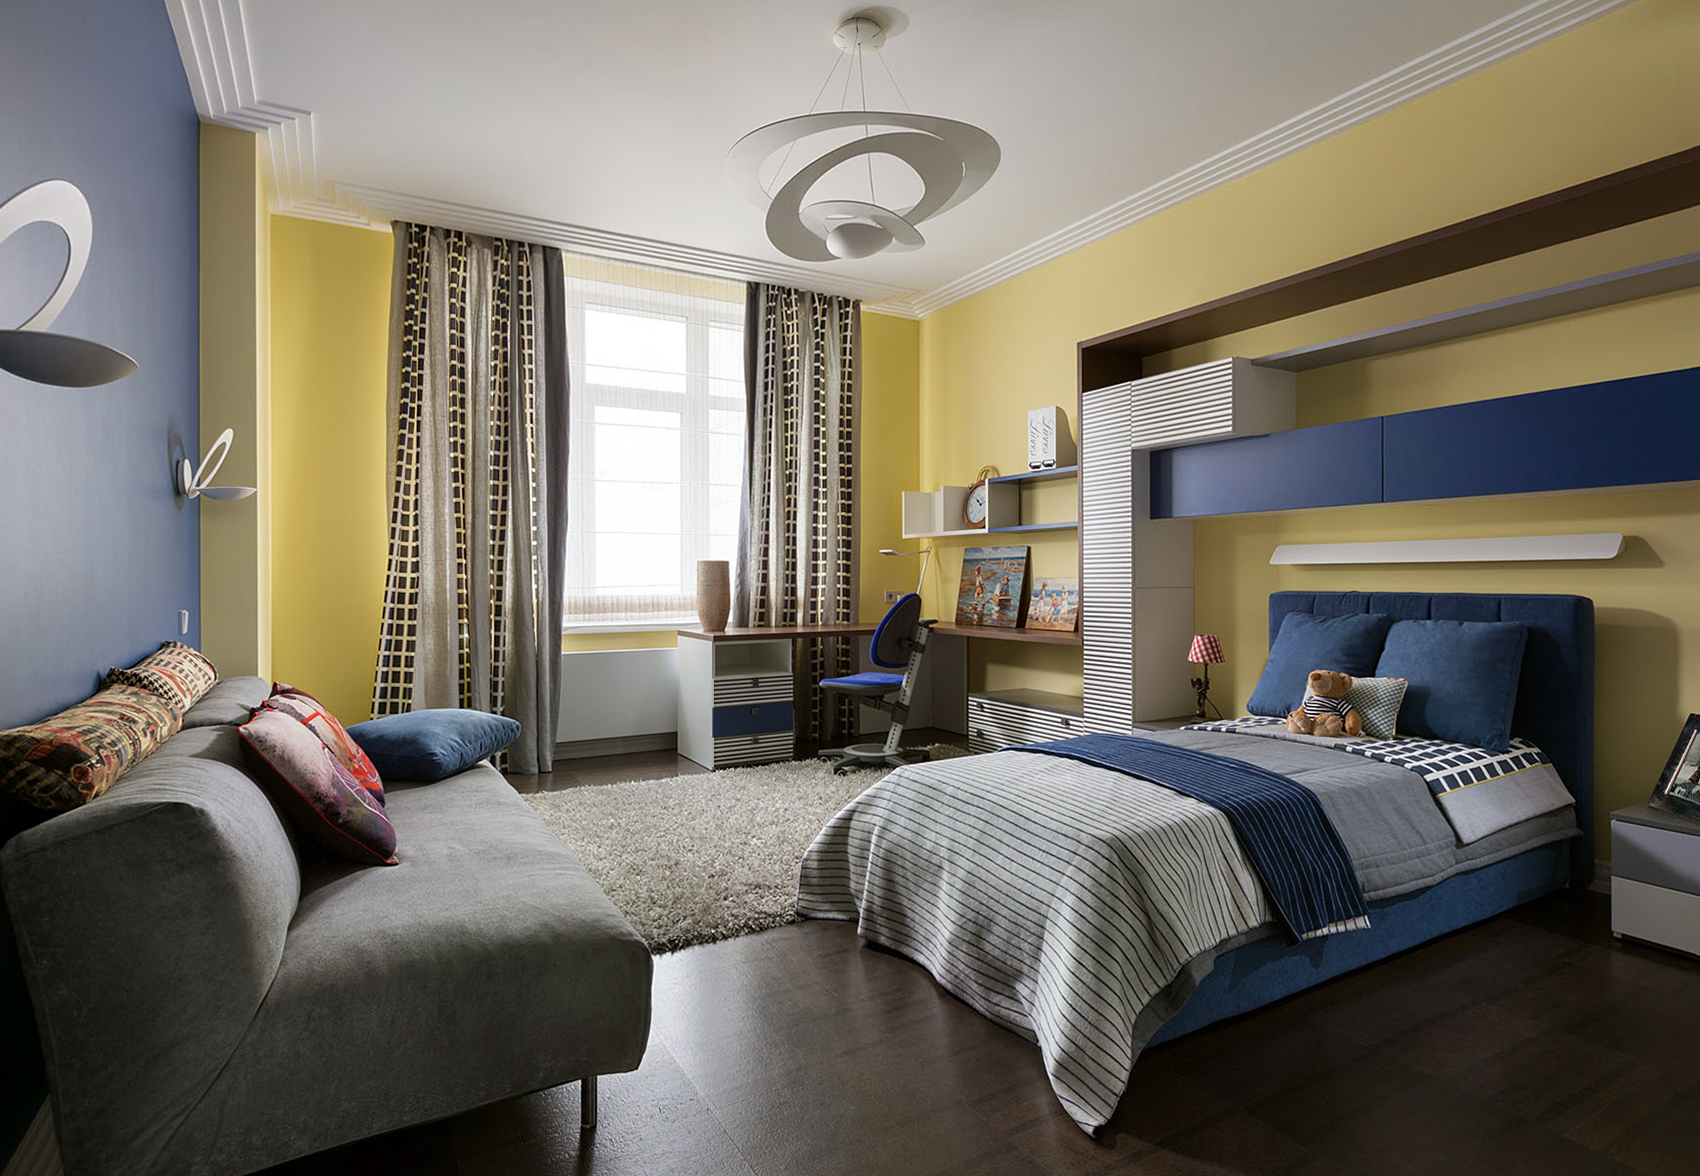 Синий, желтый, коричневый и белый цвета в интерьере детской